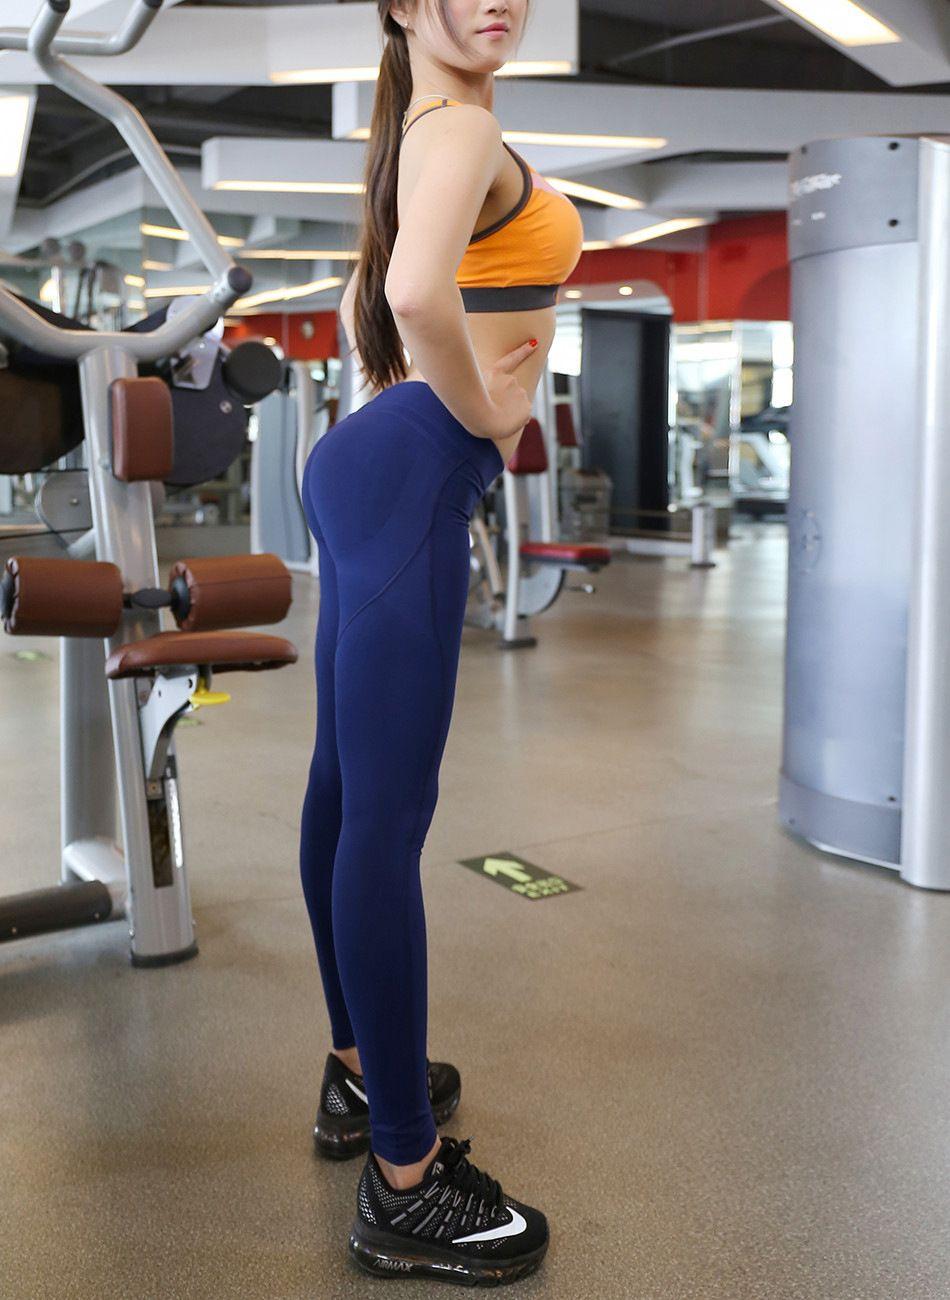 La segunda generación de pantalones deportivos ceñidos femeninos de alto rendimiento de cadera de yoga de la cadera duradera pantalones de fitness